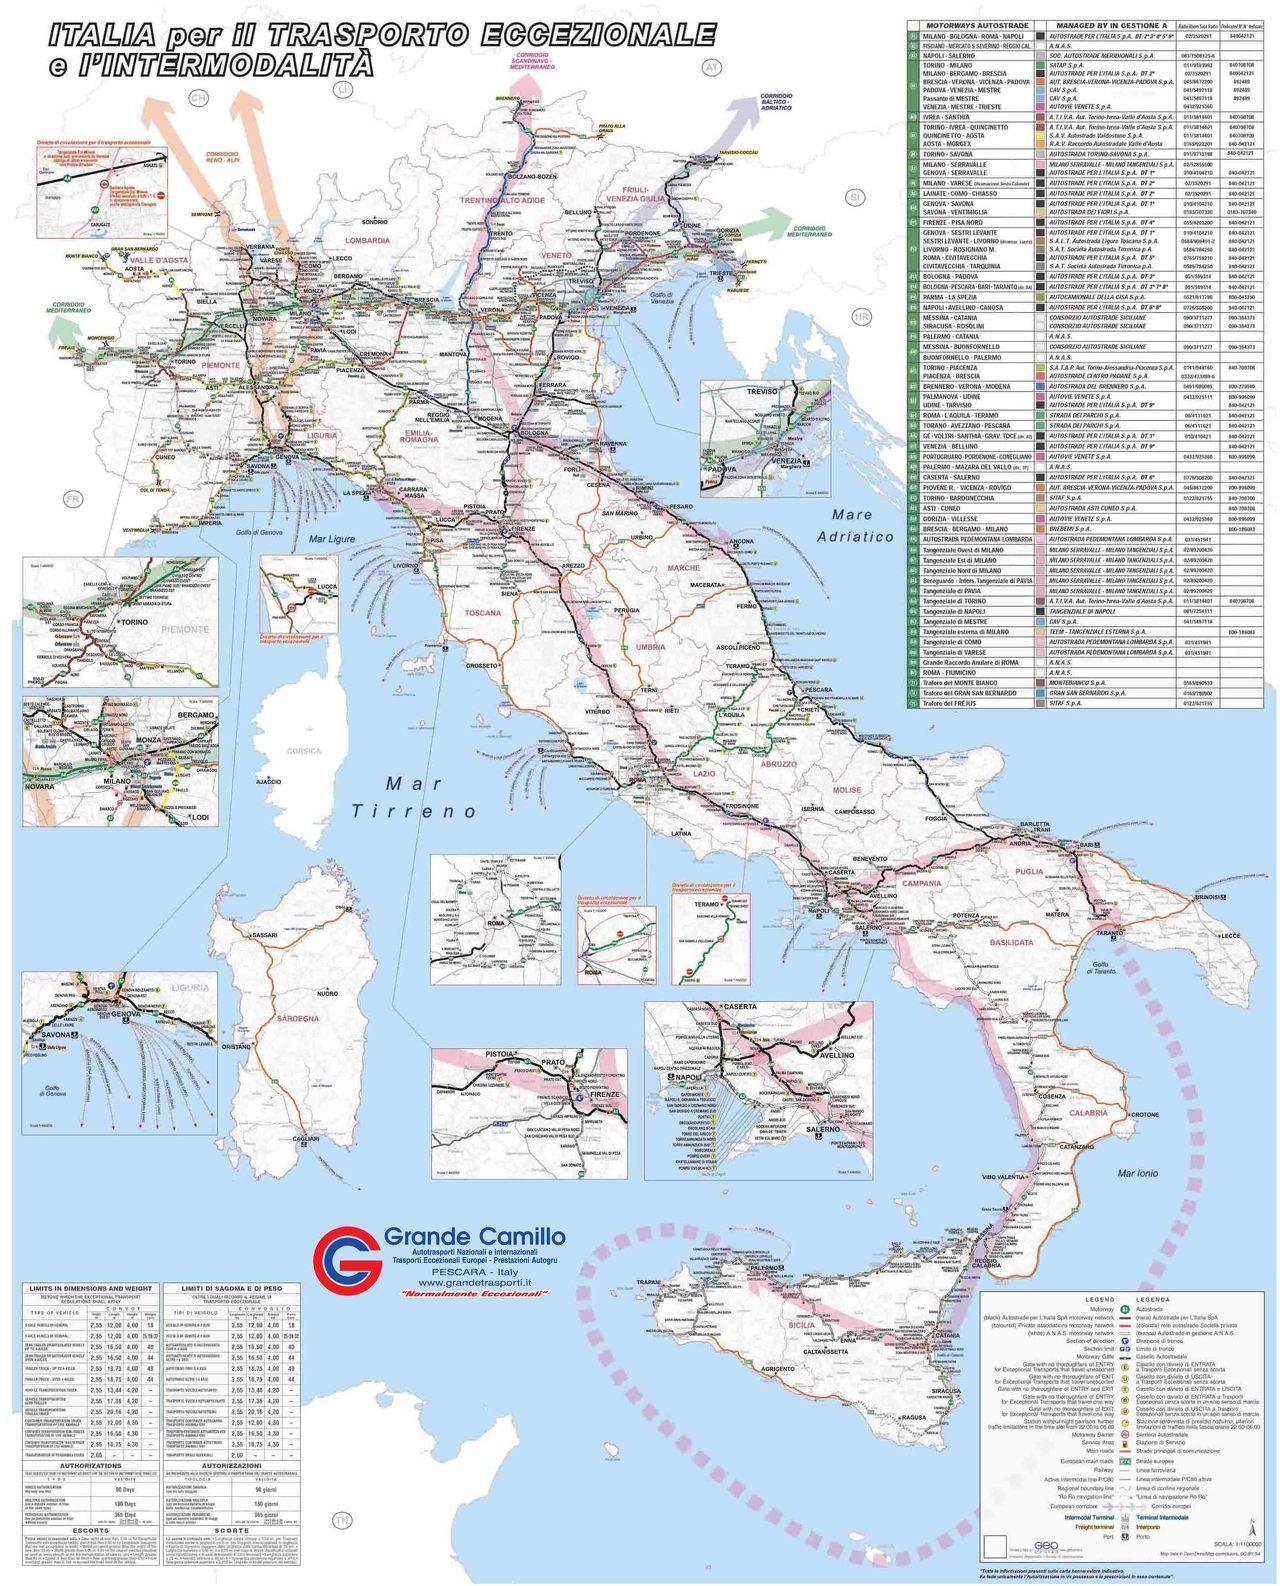 Italia per il trasporto intermodale/eccezionale